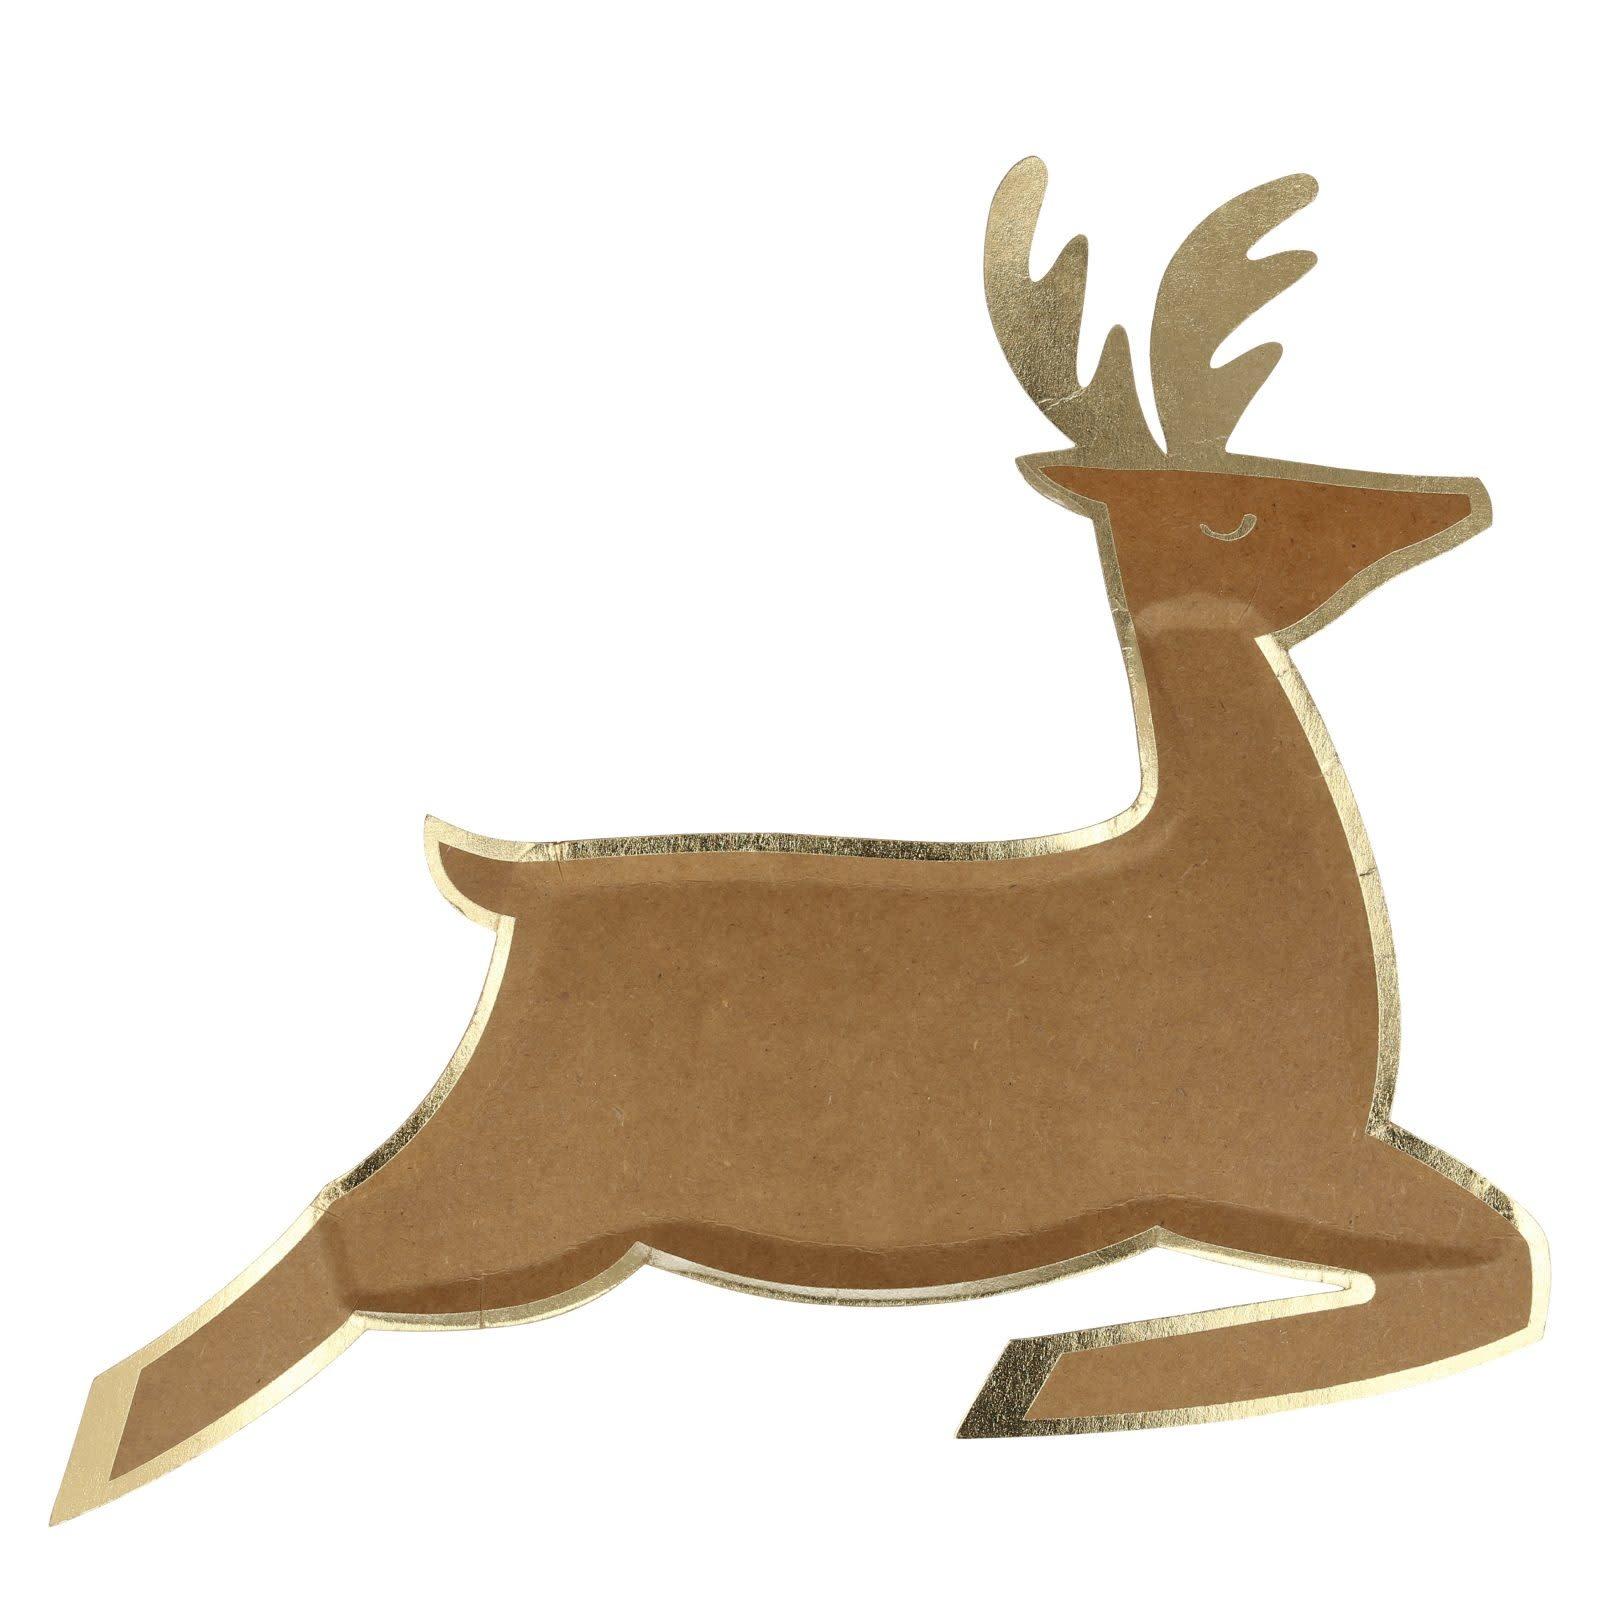 MERIMERI Leaping reindeer plates